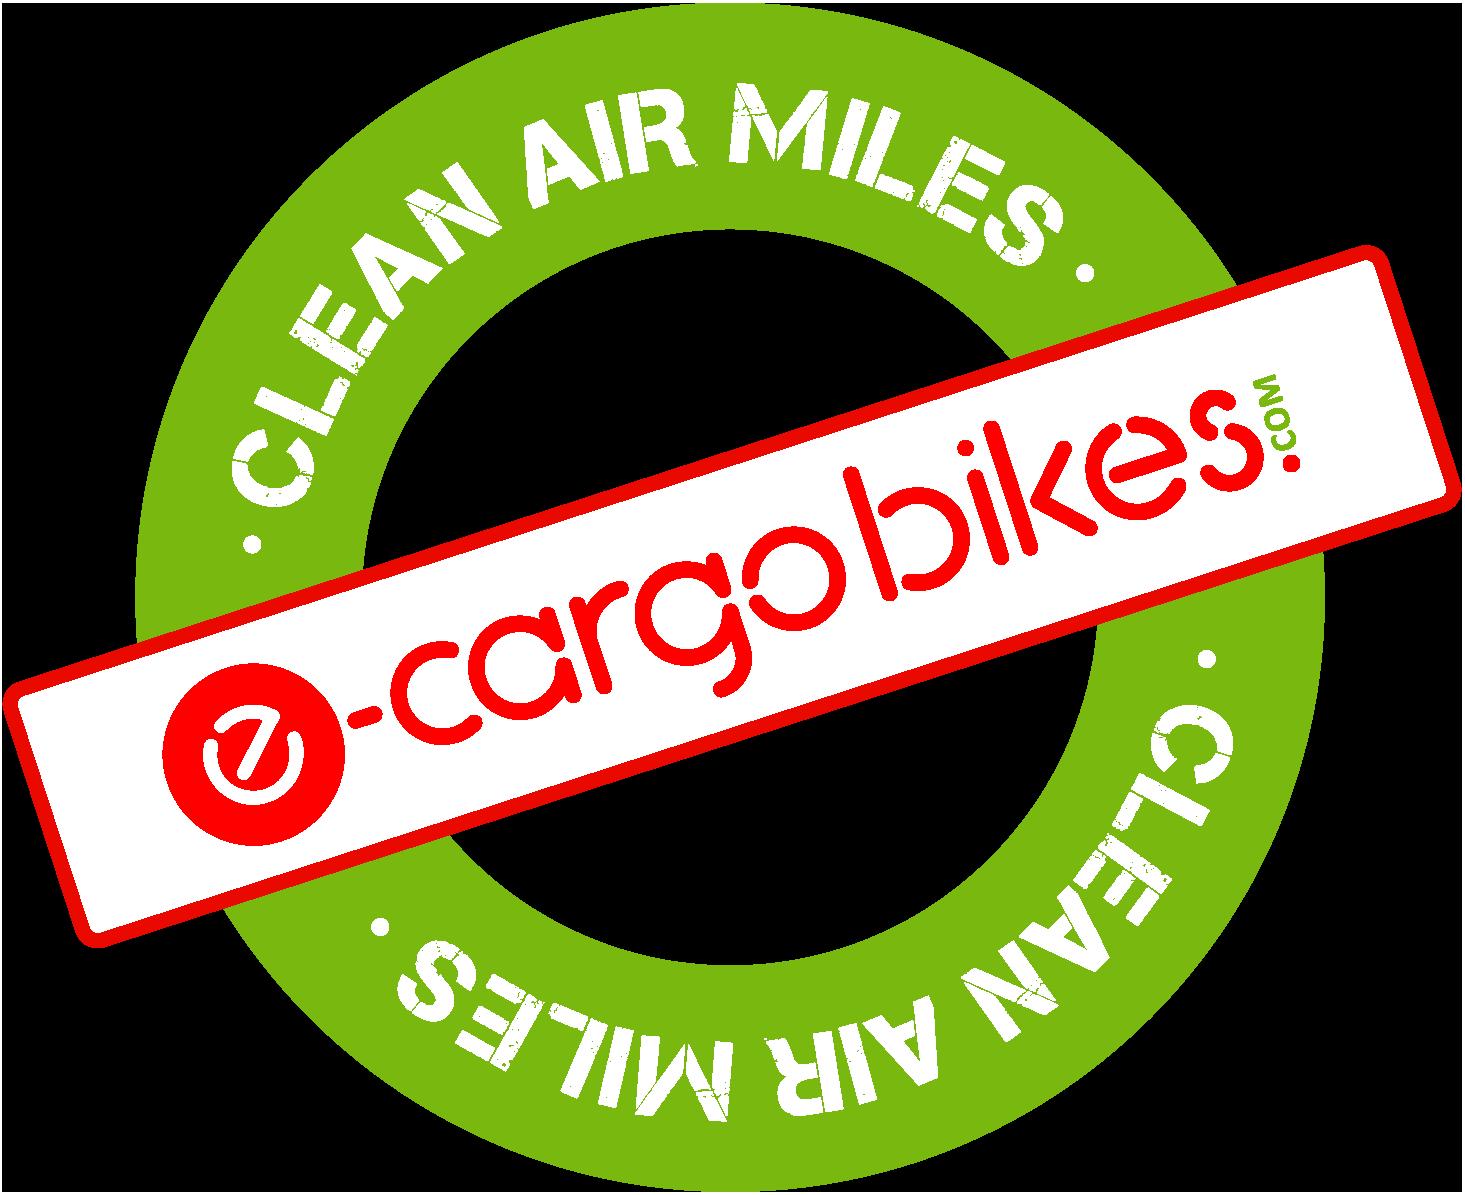 e-cargobikes.com